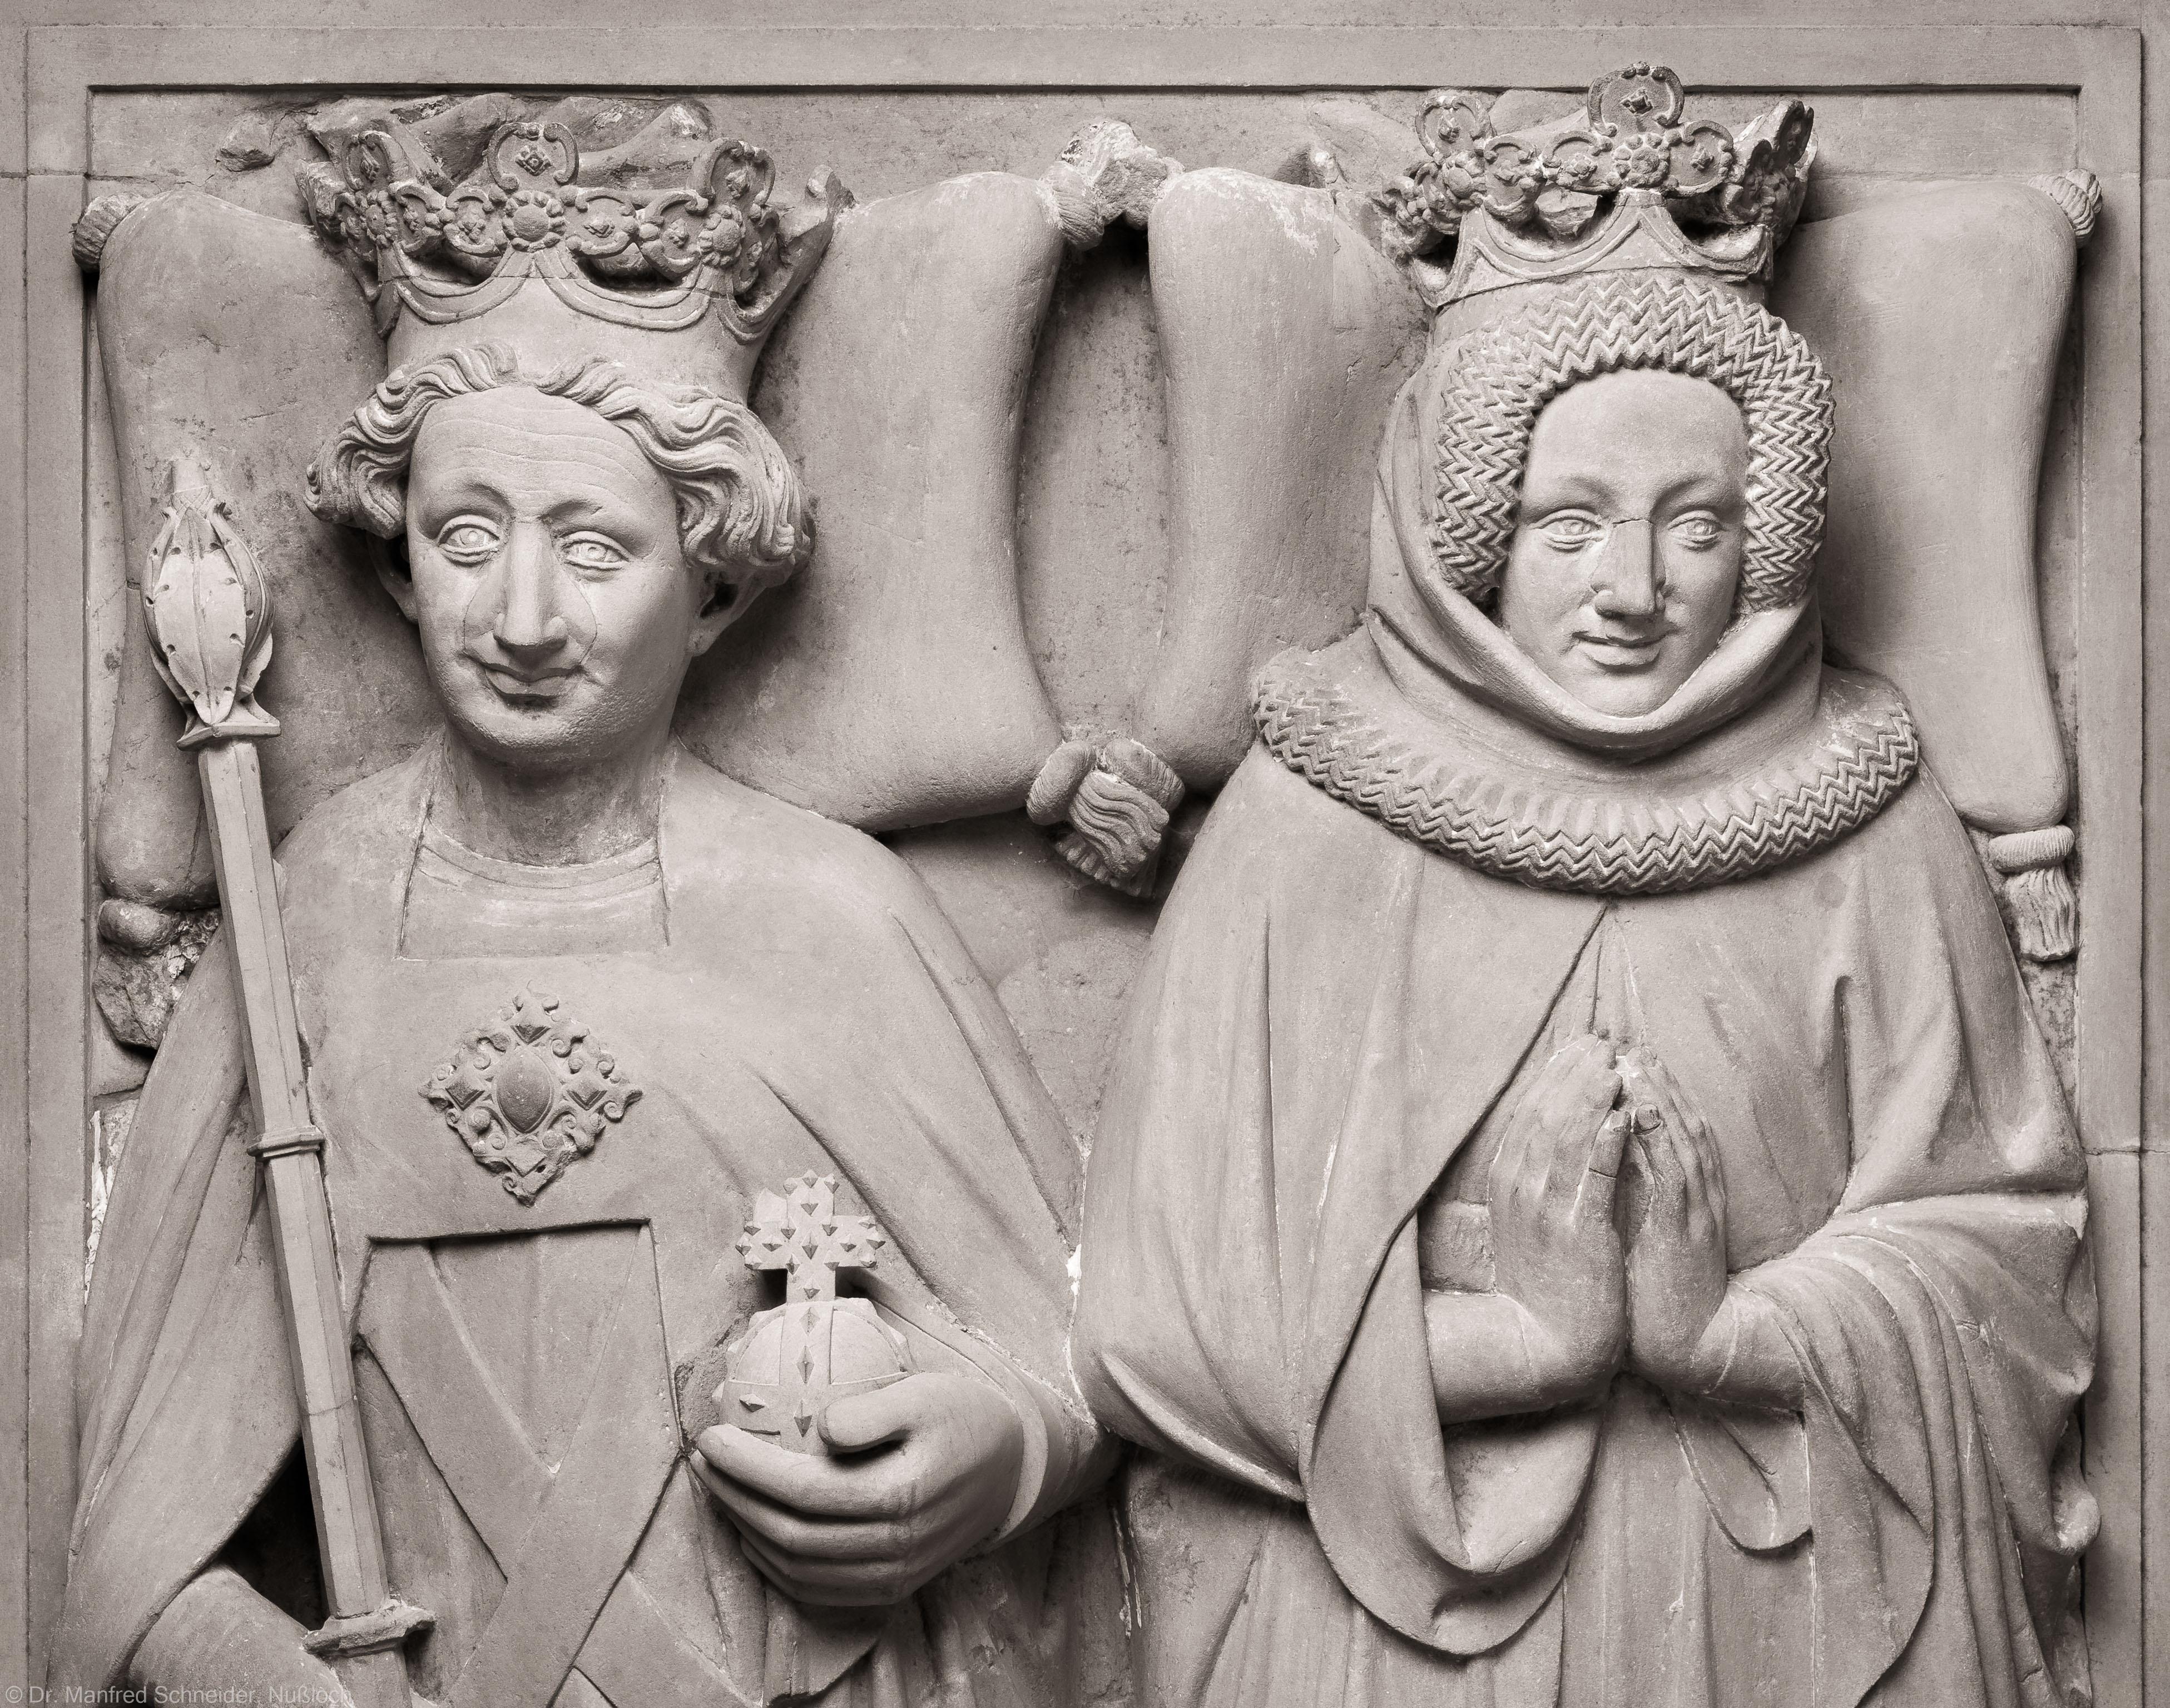 Heidelberg - Heiliggeistkirche - Nordschiff - Königsgrab - Ausschnitt aus der Grabplatte des Kurfürsten Ruprecht III. und seiner Gemahlin Elisabeth von Hohenzollern (aufgenommen im Januar 2015, am Nachmittag)